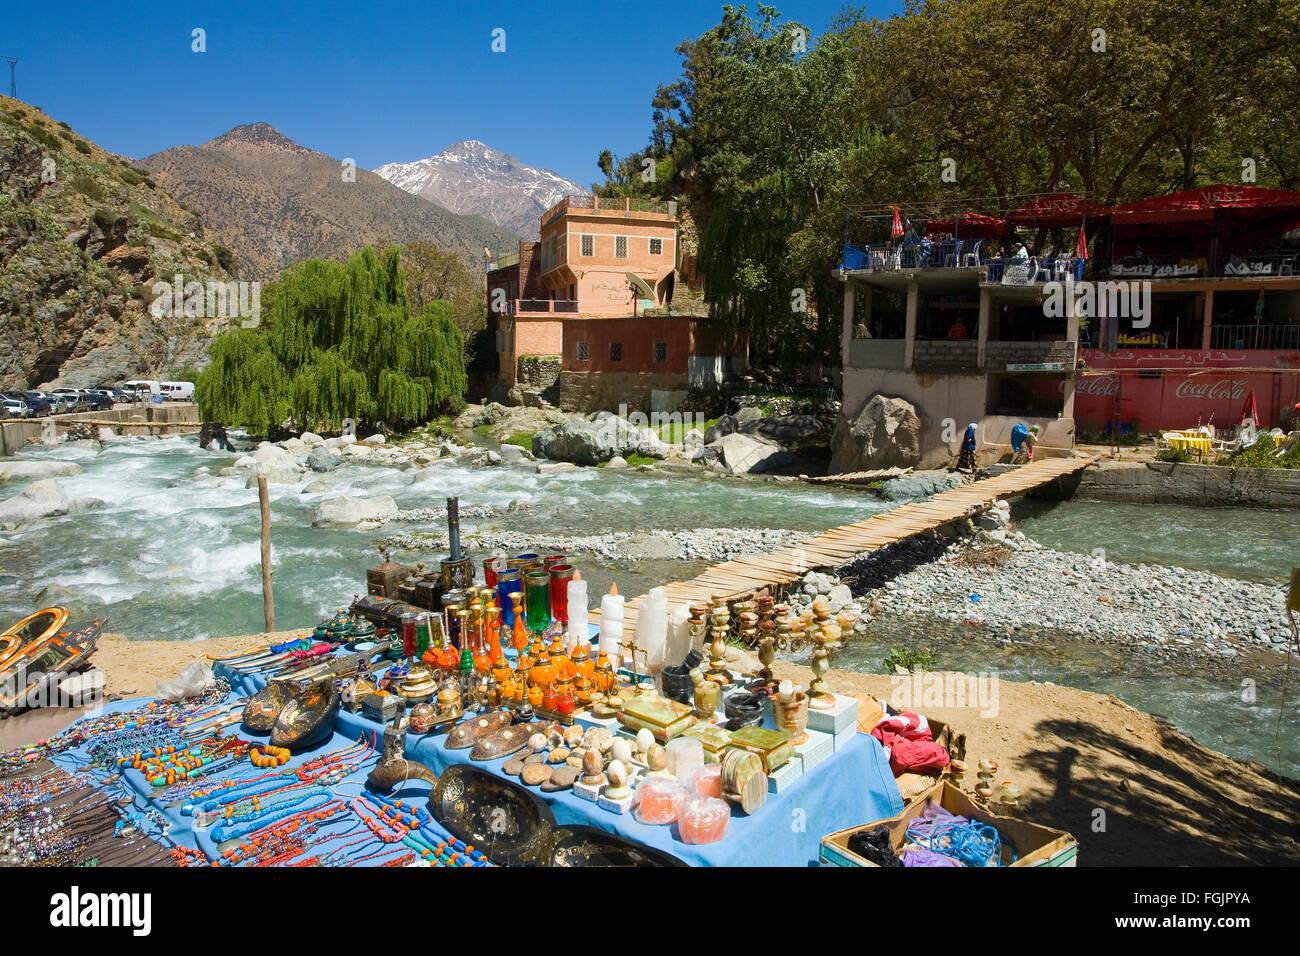 Scena di fiume presso il villaggio di Setti Fatma nell'Ourika Valley Foto Stock